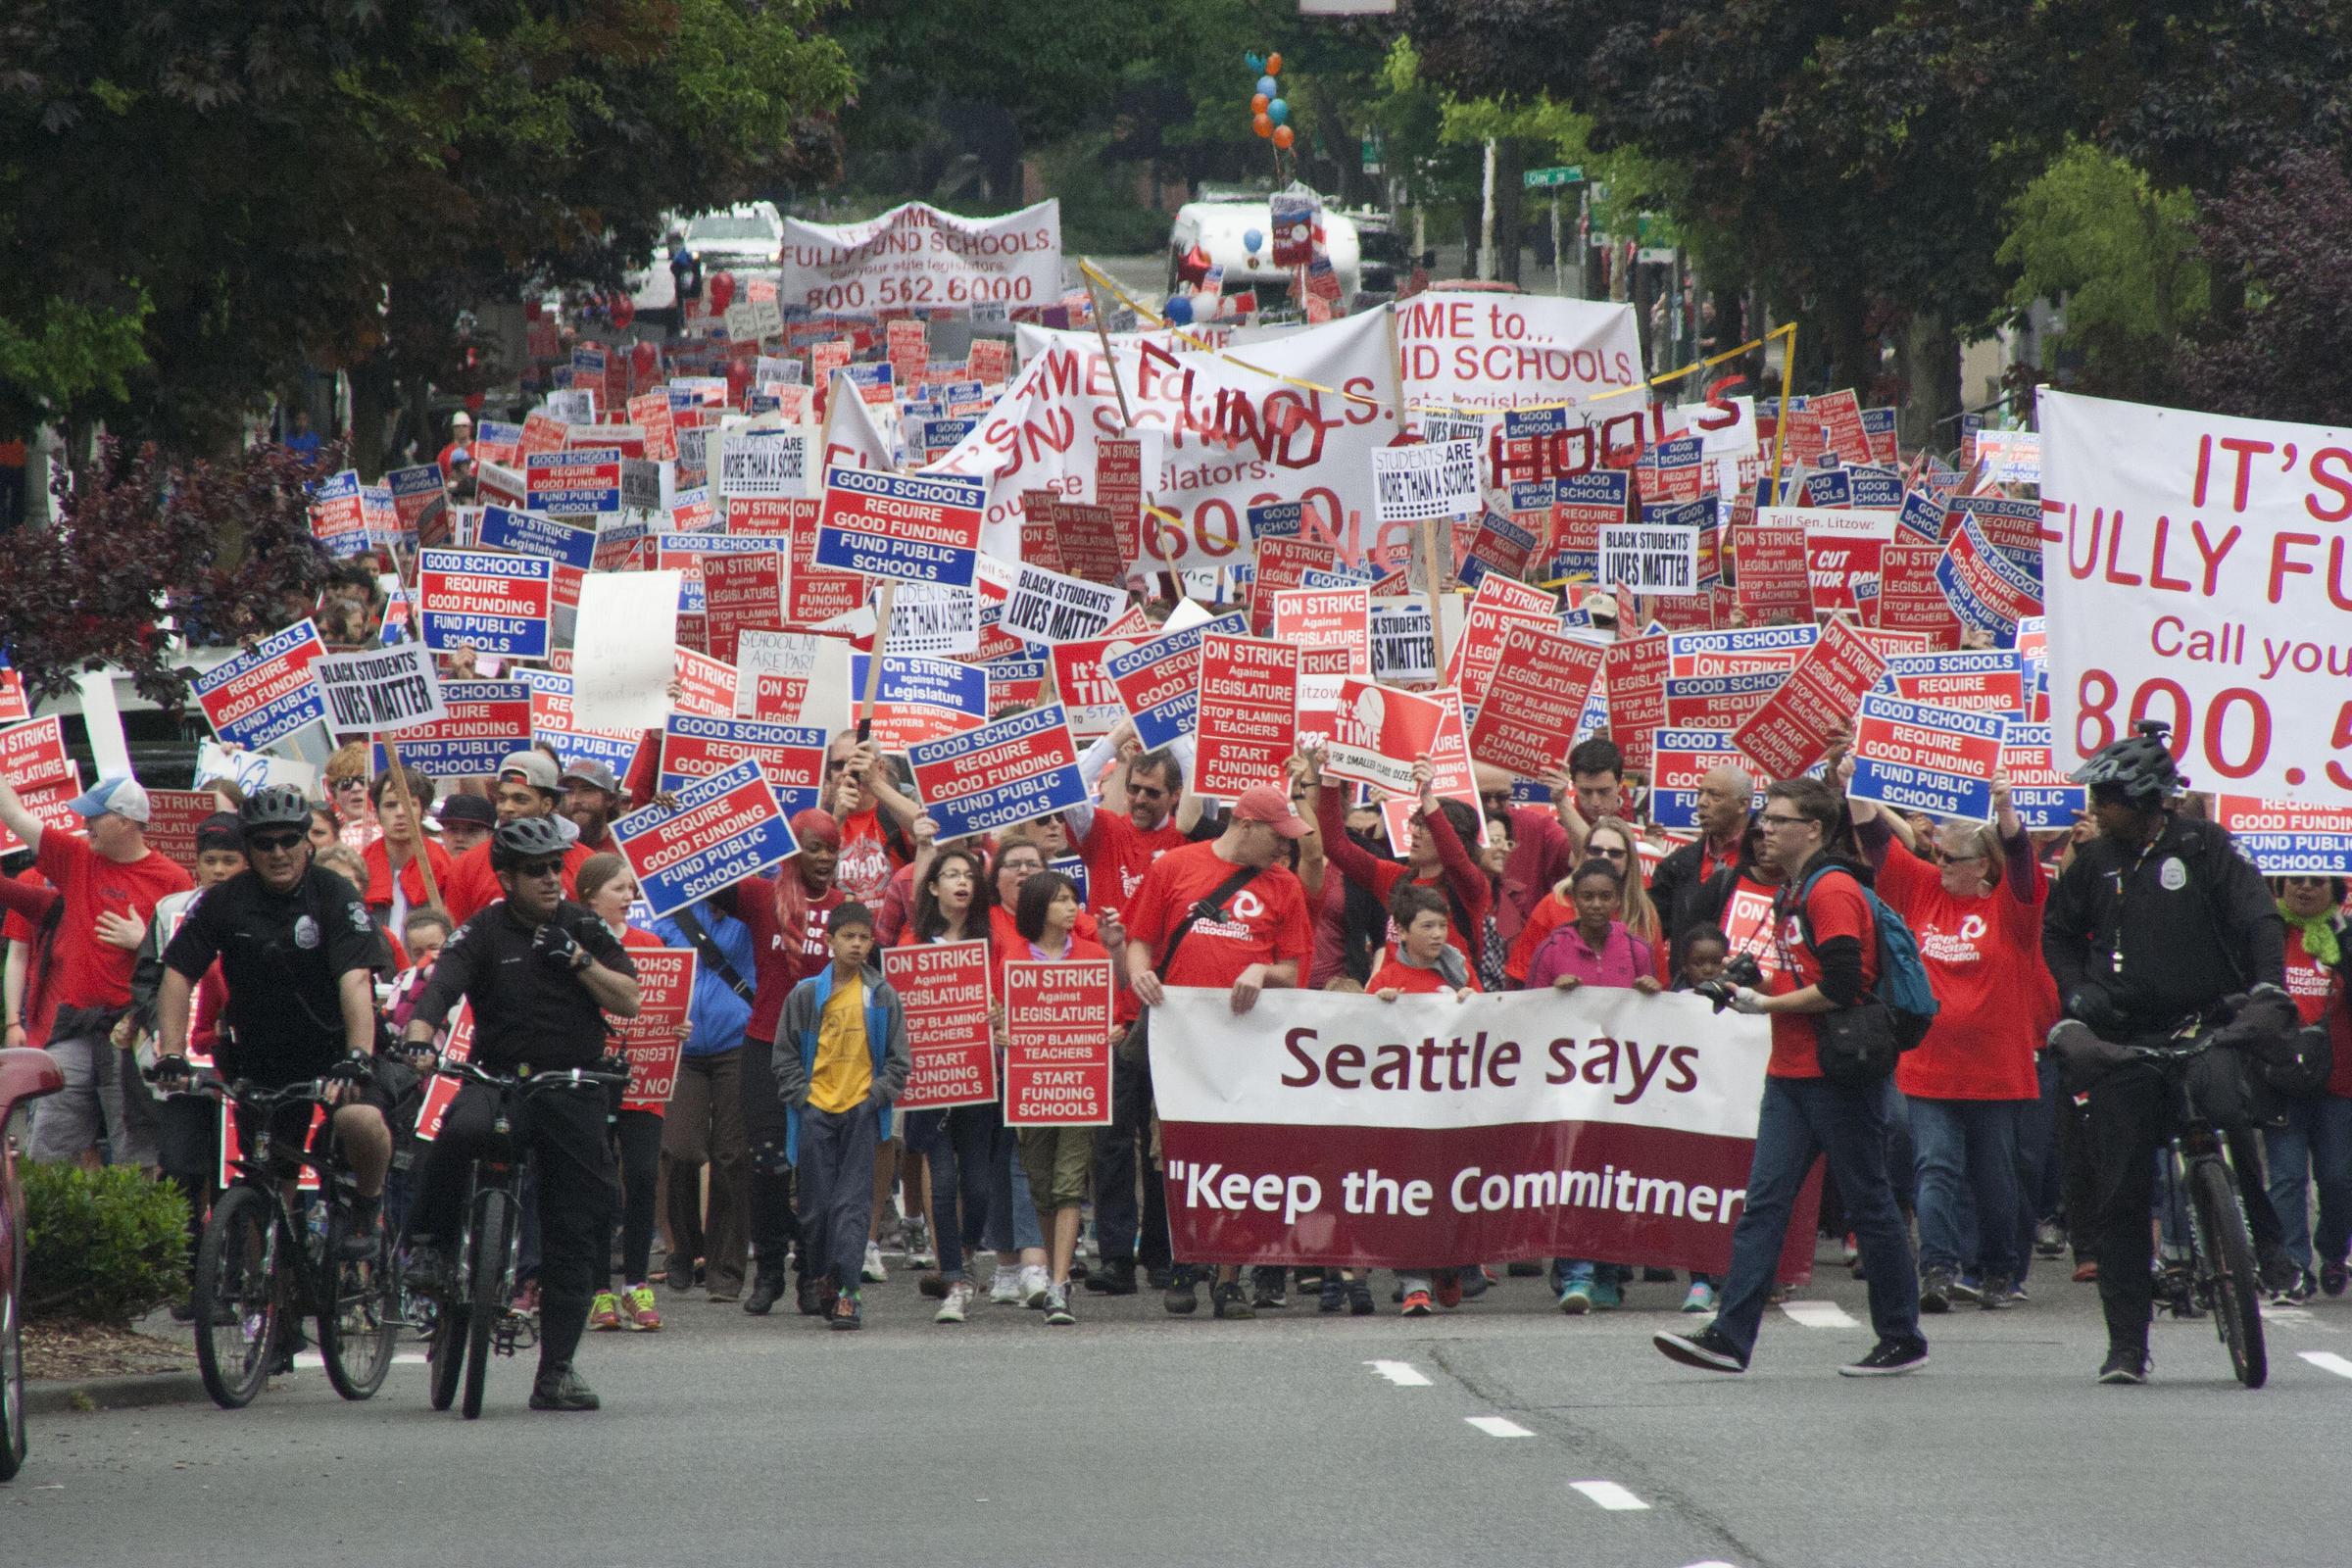 SeattleTeacherStrike.jpg